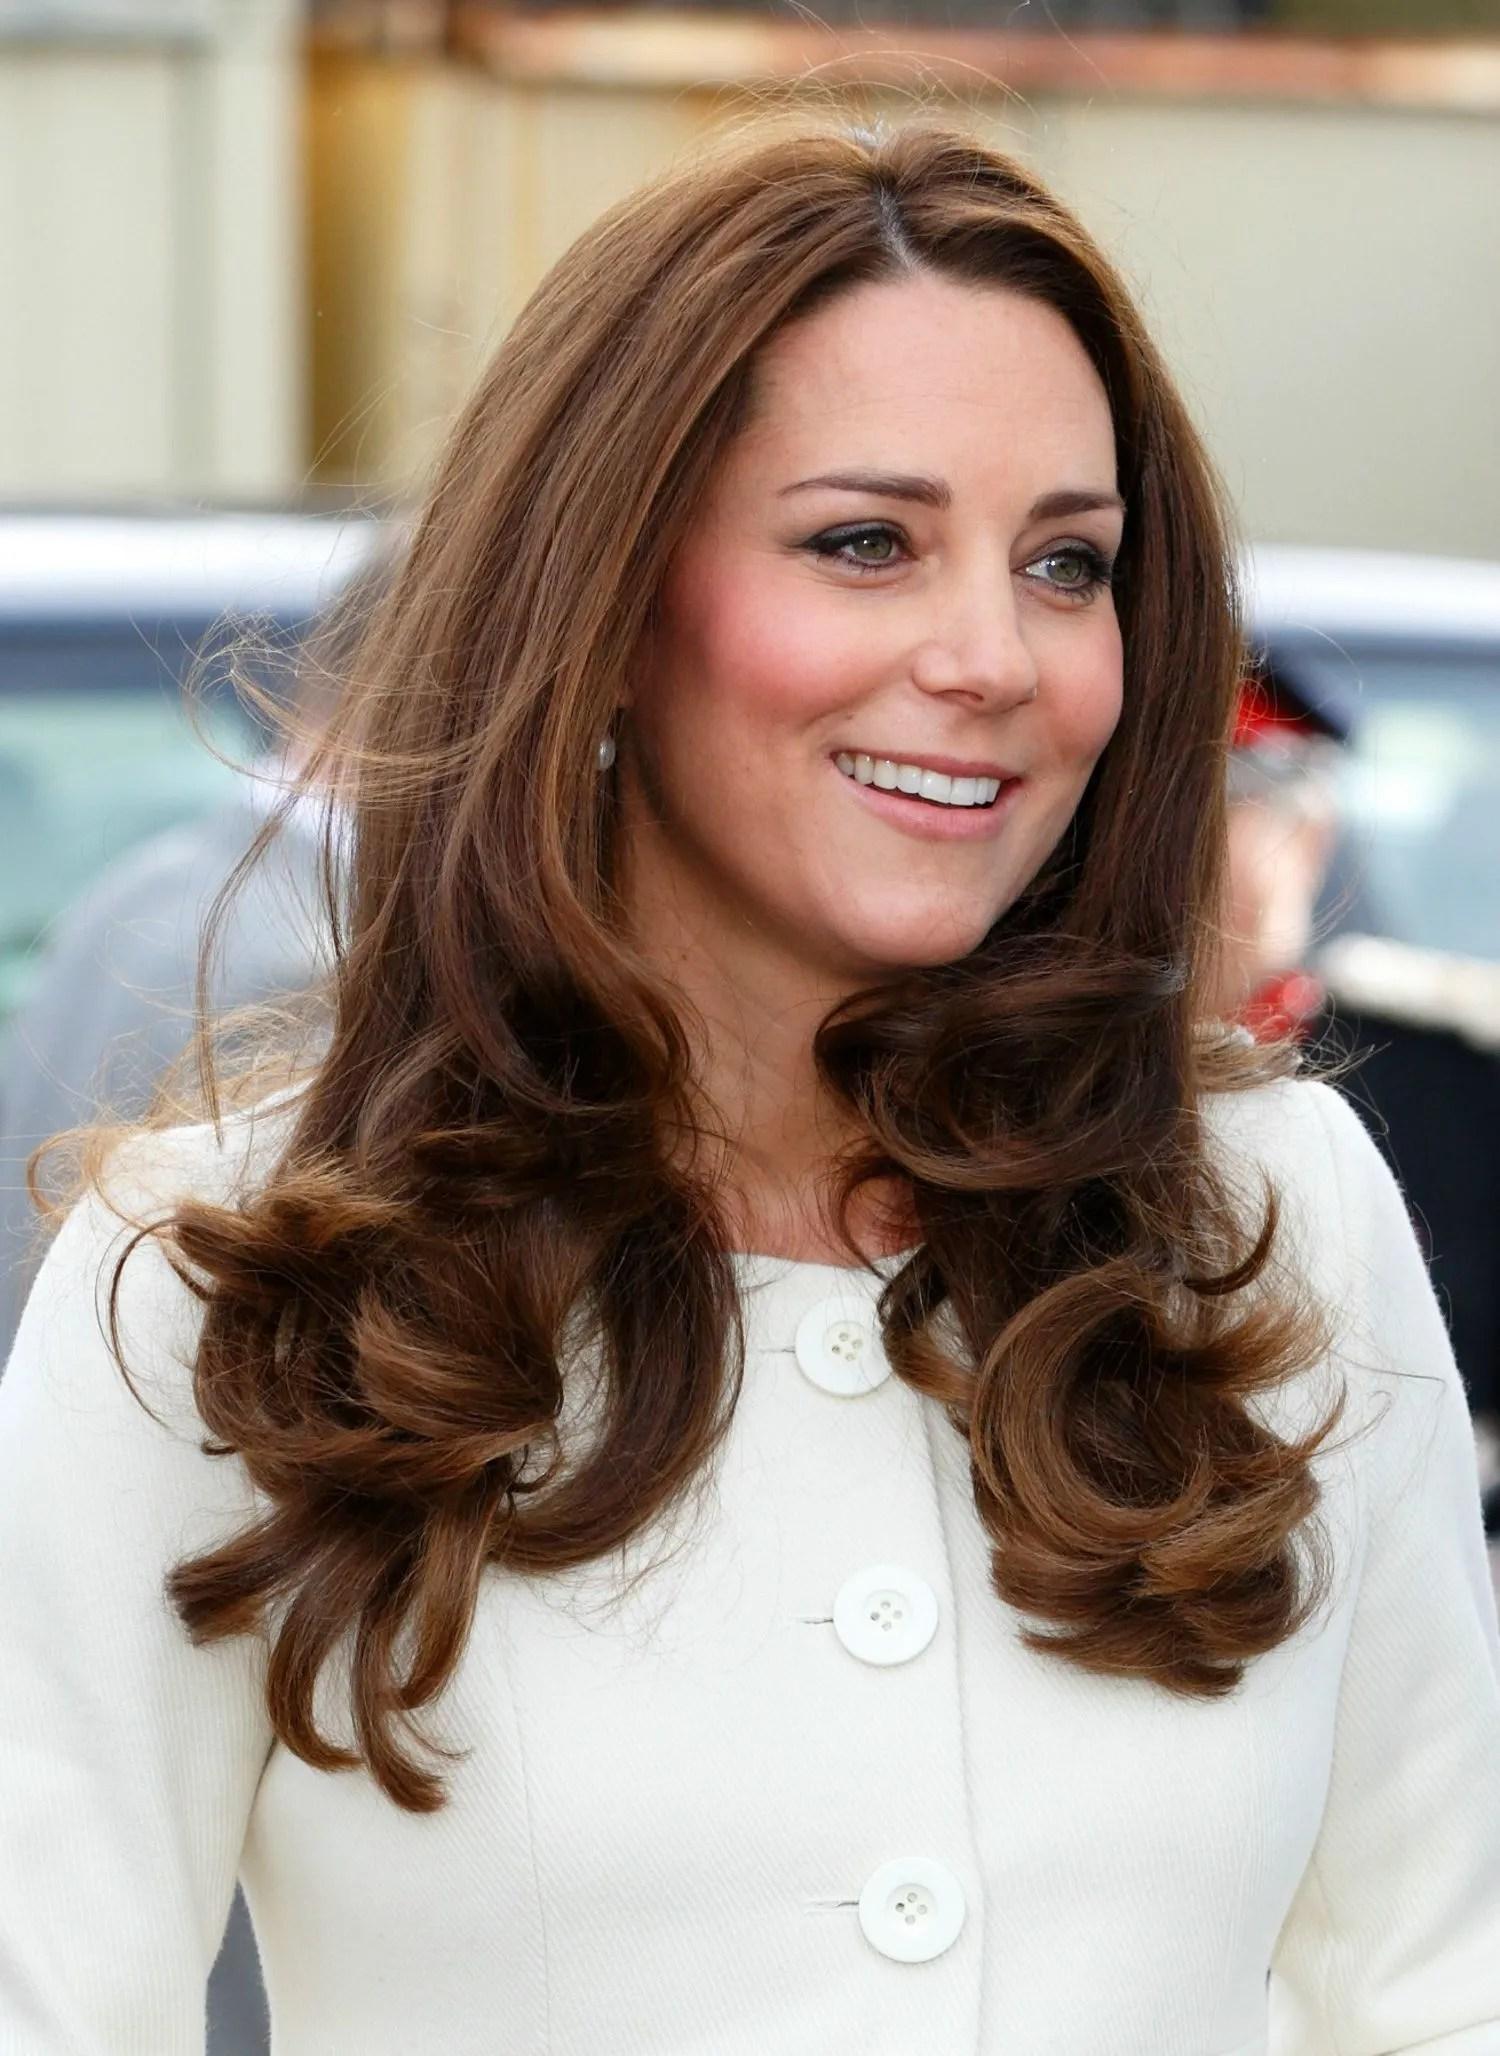 Kate Middletons Makeup Should She Change Her Eyeliner